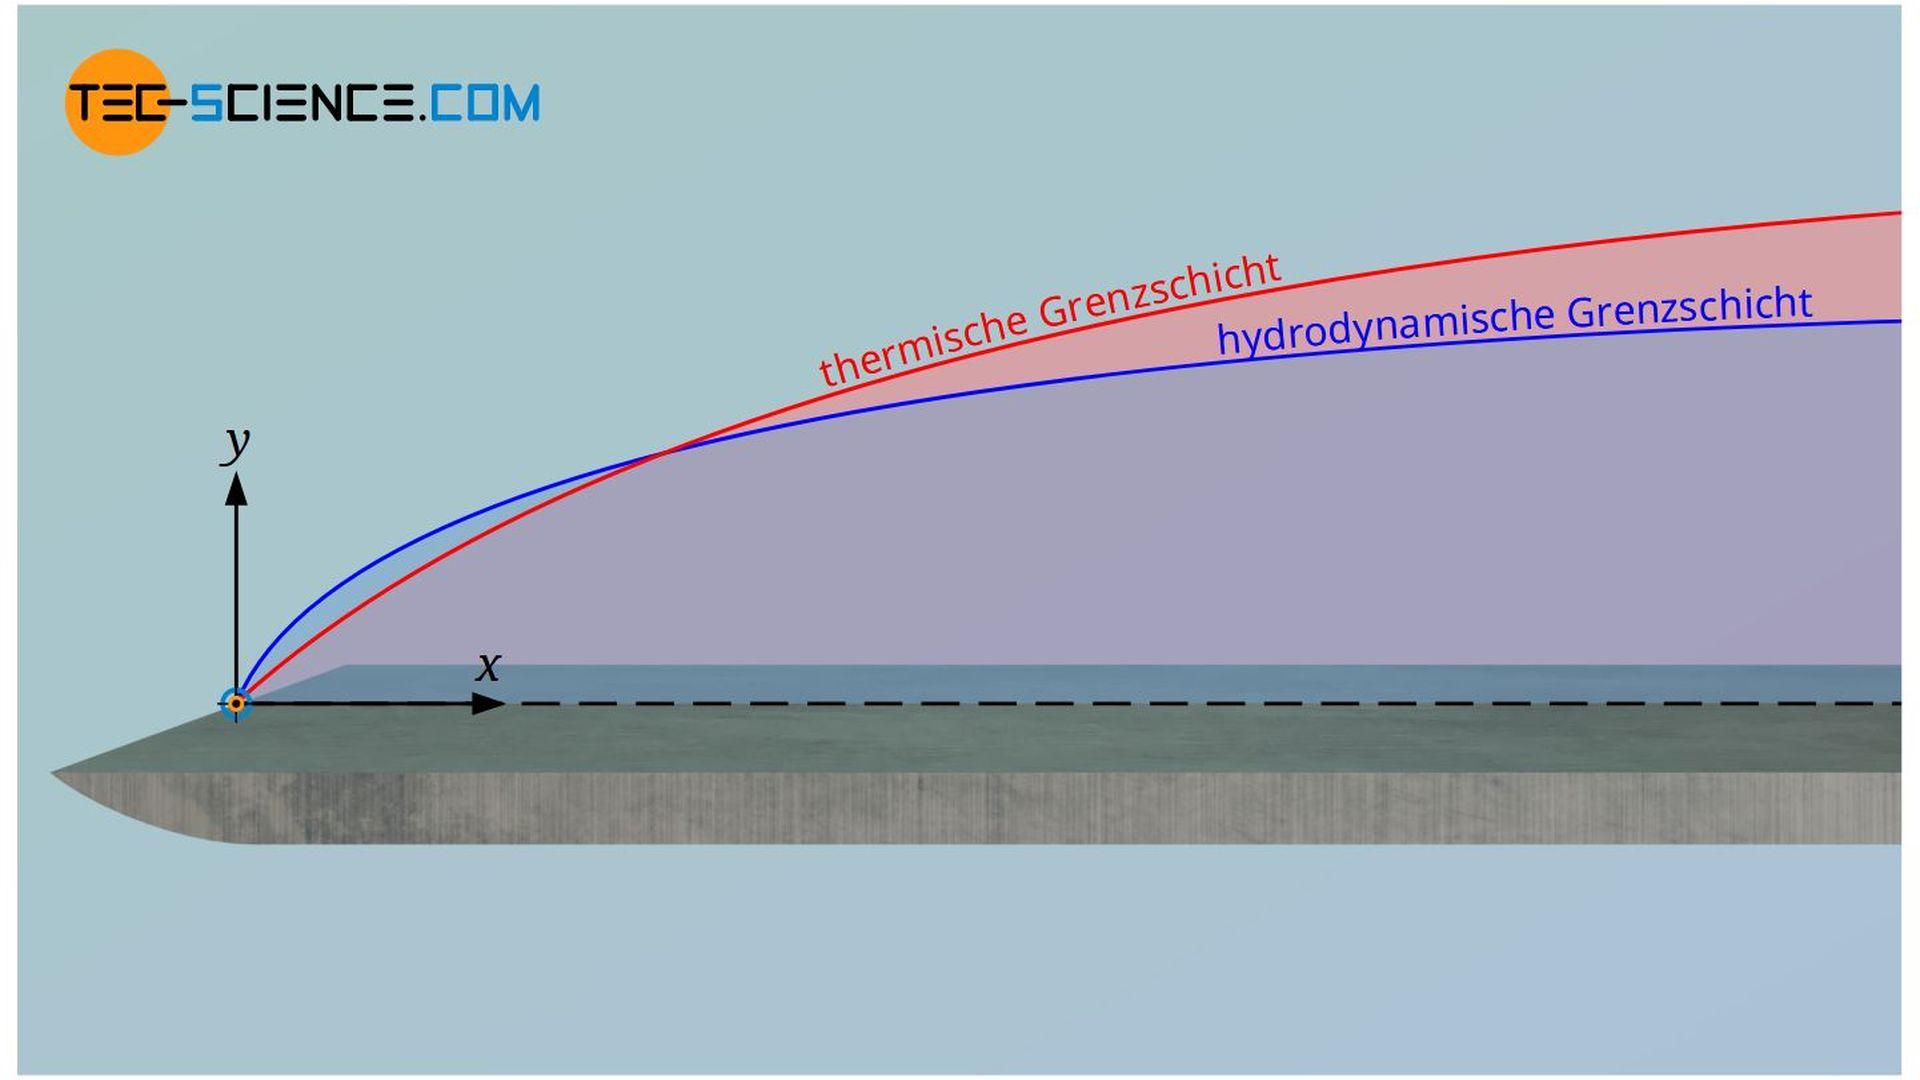 Hydrodynamische und thermische Grenzschicht der Strömung über eine ebene Platte